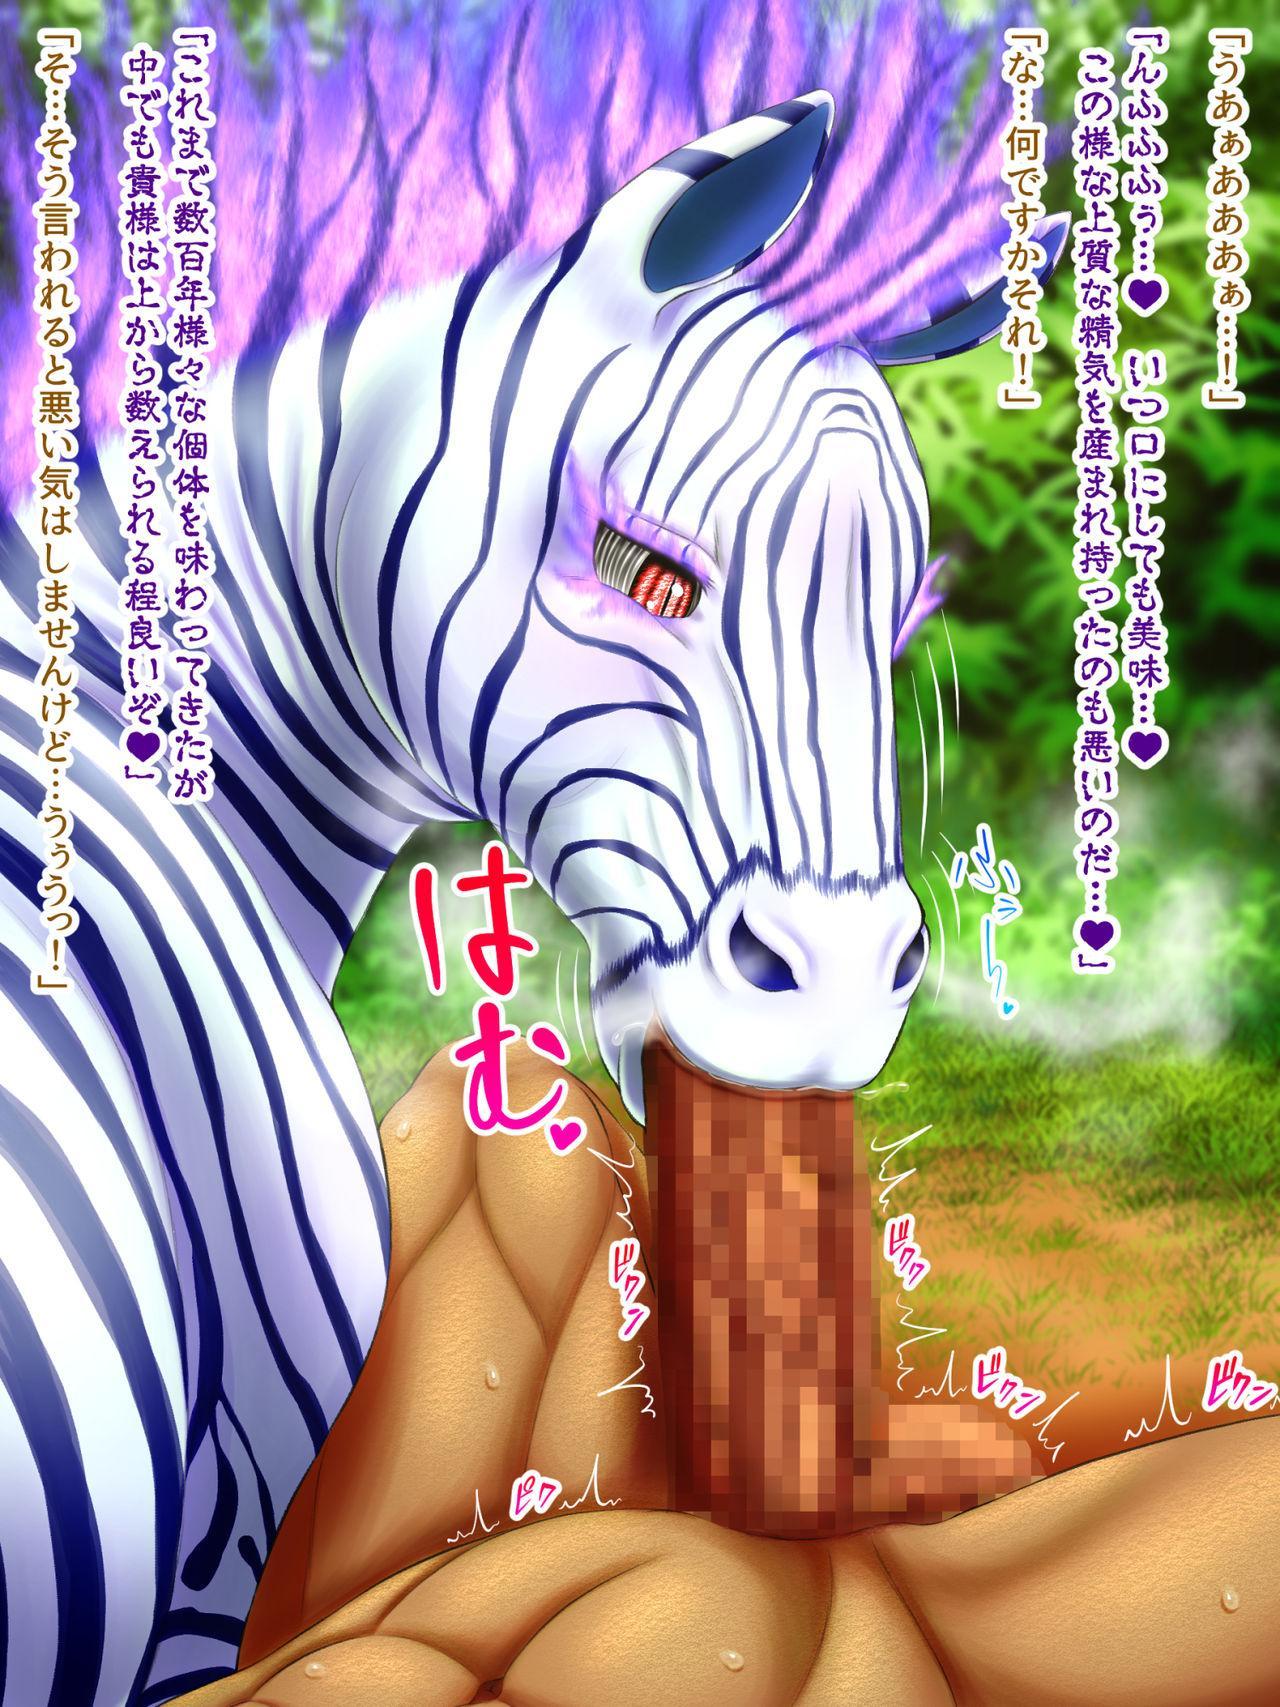 Beast Love Tales 23